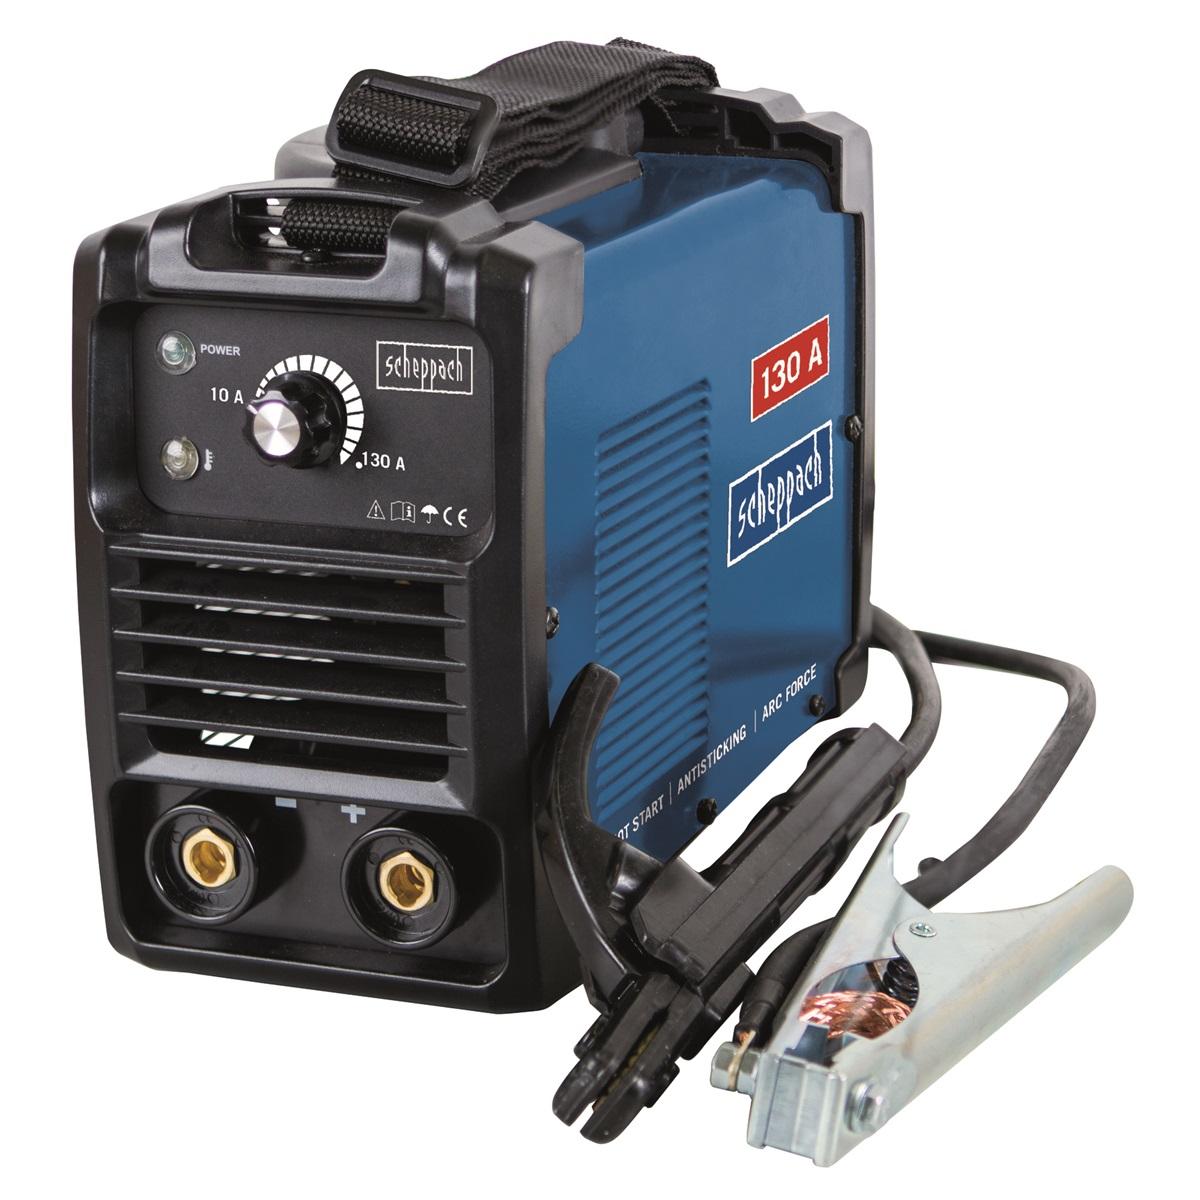 svářecí invertor 130 A s příslušenstvím Scheppach WSE860